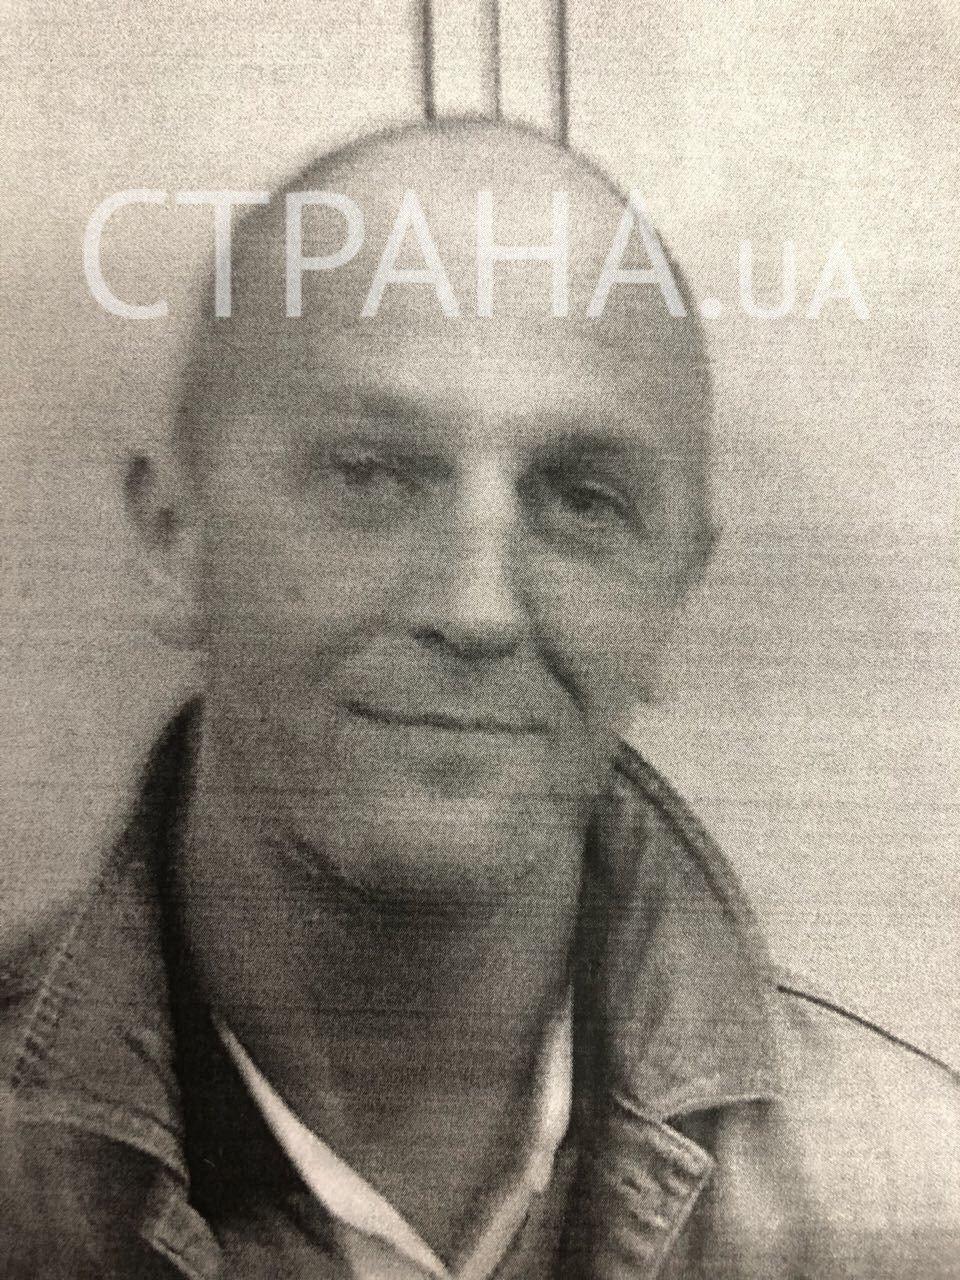 Домовлялися зустрітися - друг ще одного підозрюваного в справі Бабченко